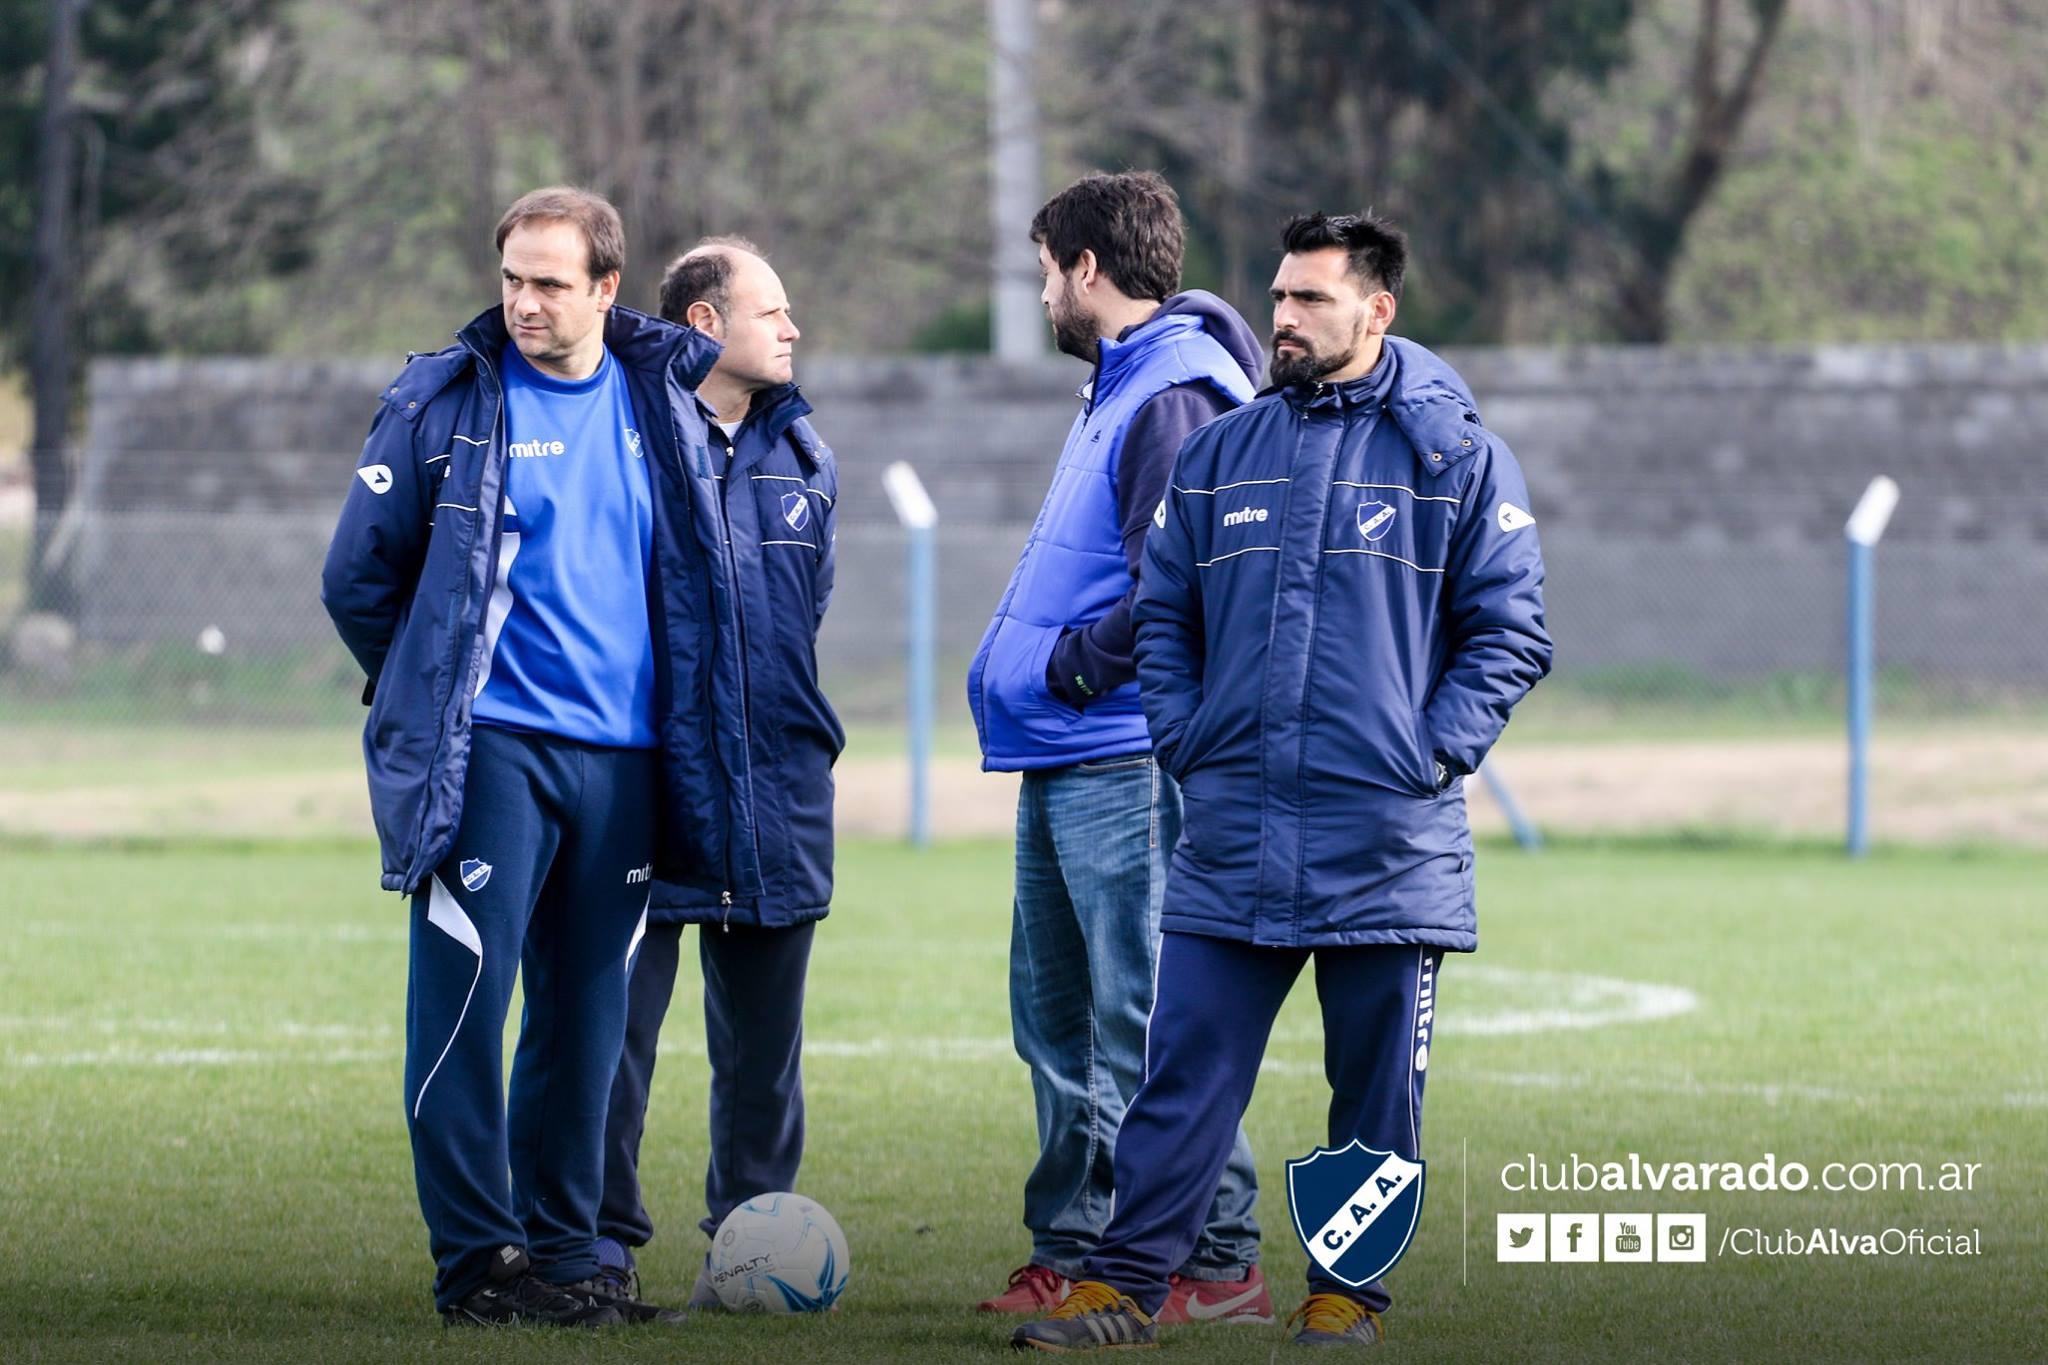 El cuerpo técnico de Alvarado prepara el debut. (Foto: Florencia Arroyos - Club Alvarado)